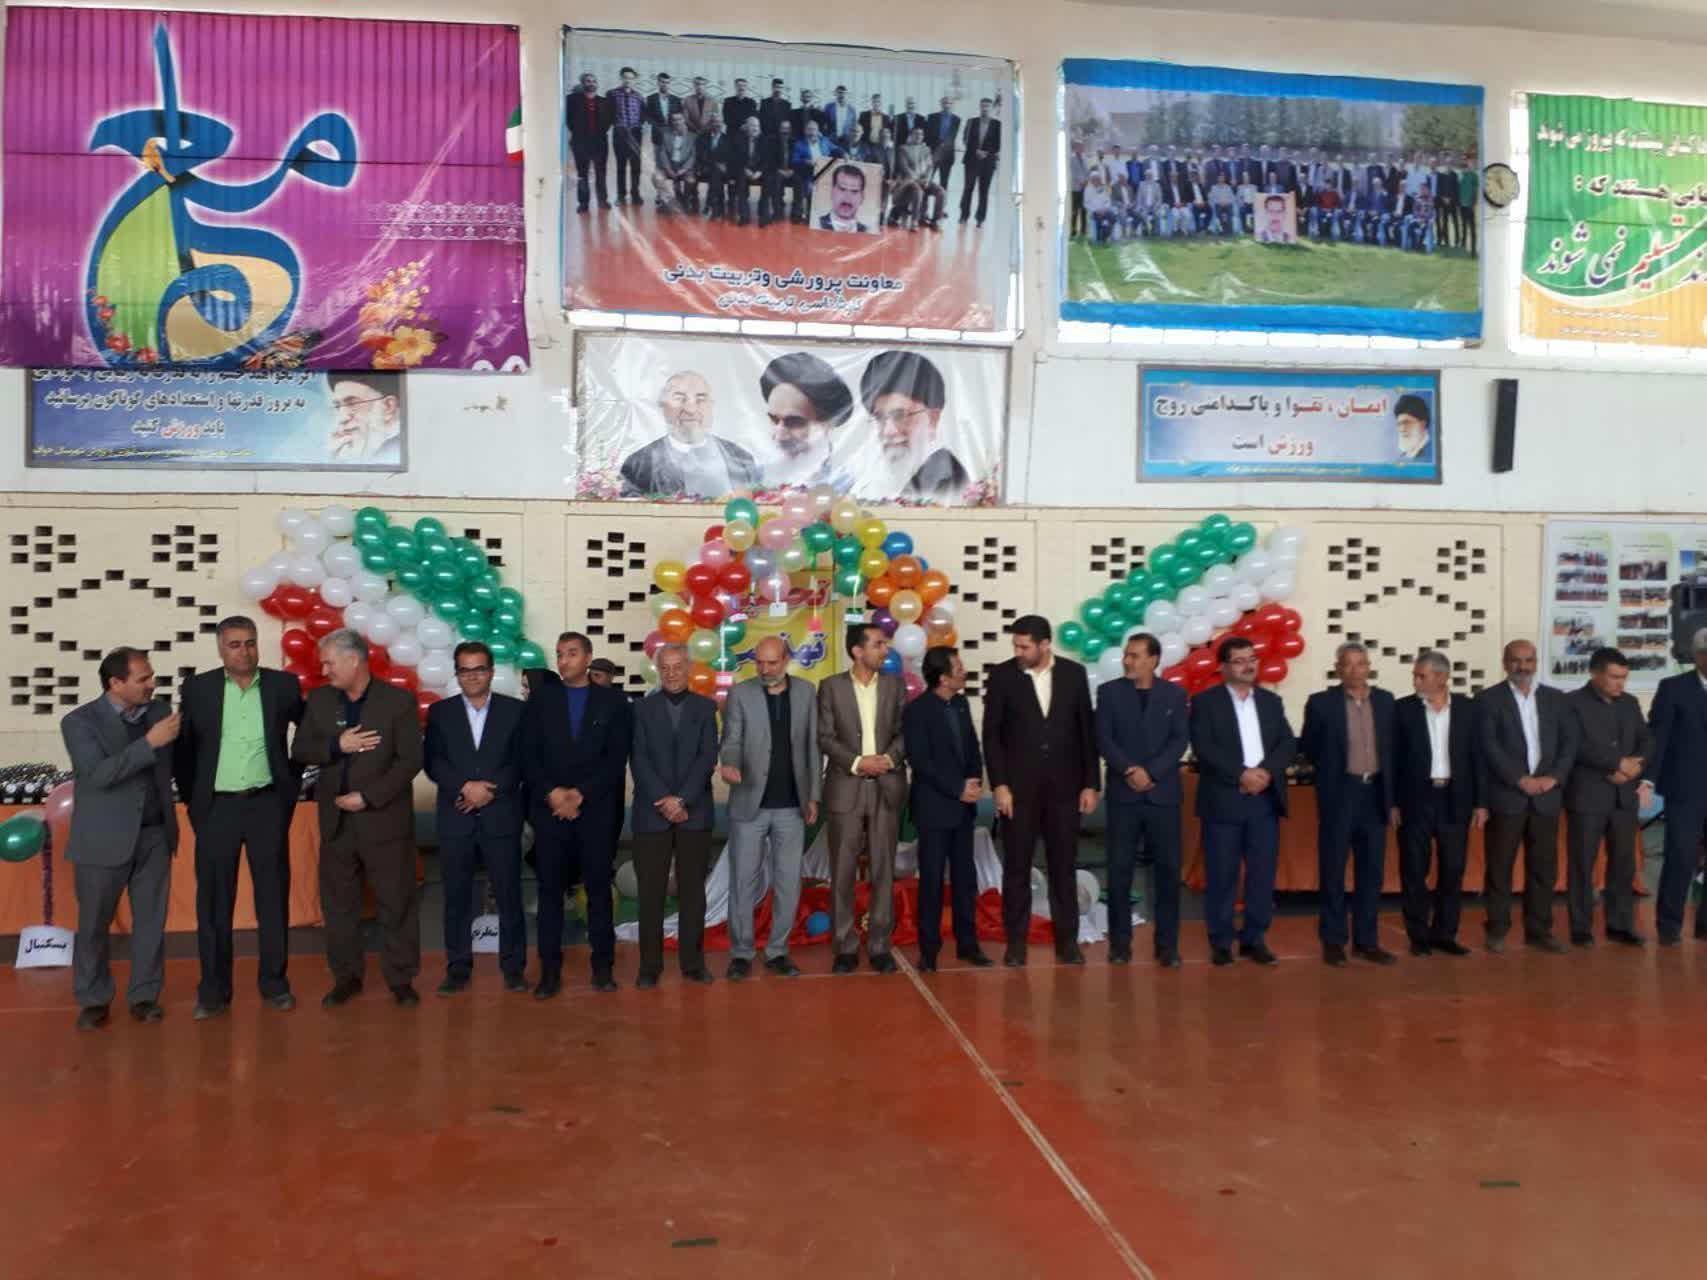 با هدف رقابت سالم بین دانش آموزان: برگزاری جشن ستارگان ورزشی مدارس شهرستان خواف